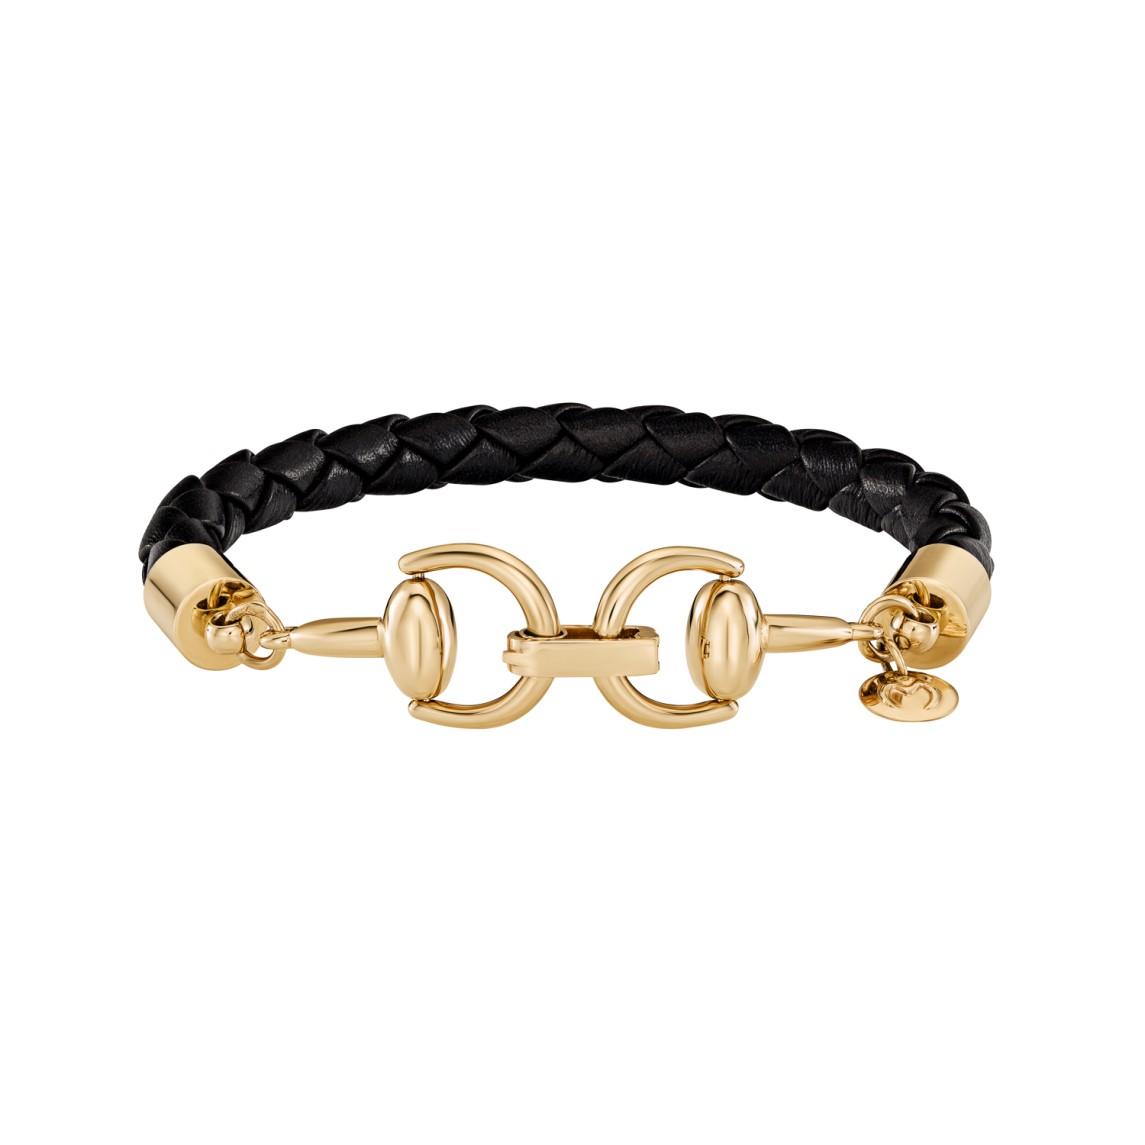 Skórzana bransoletka z wędzidłami z żółtego złota